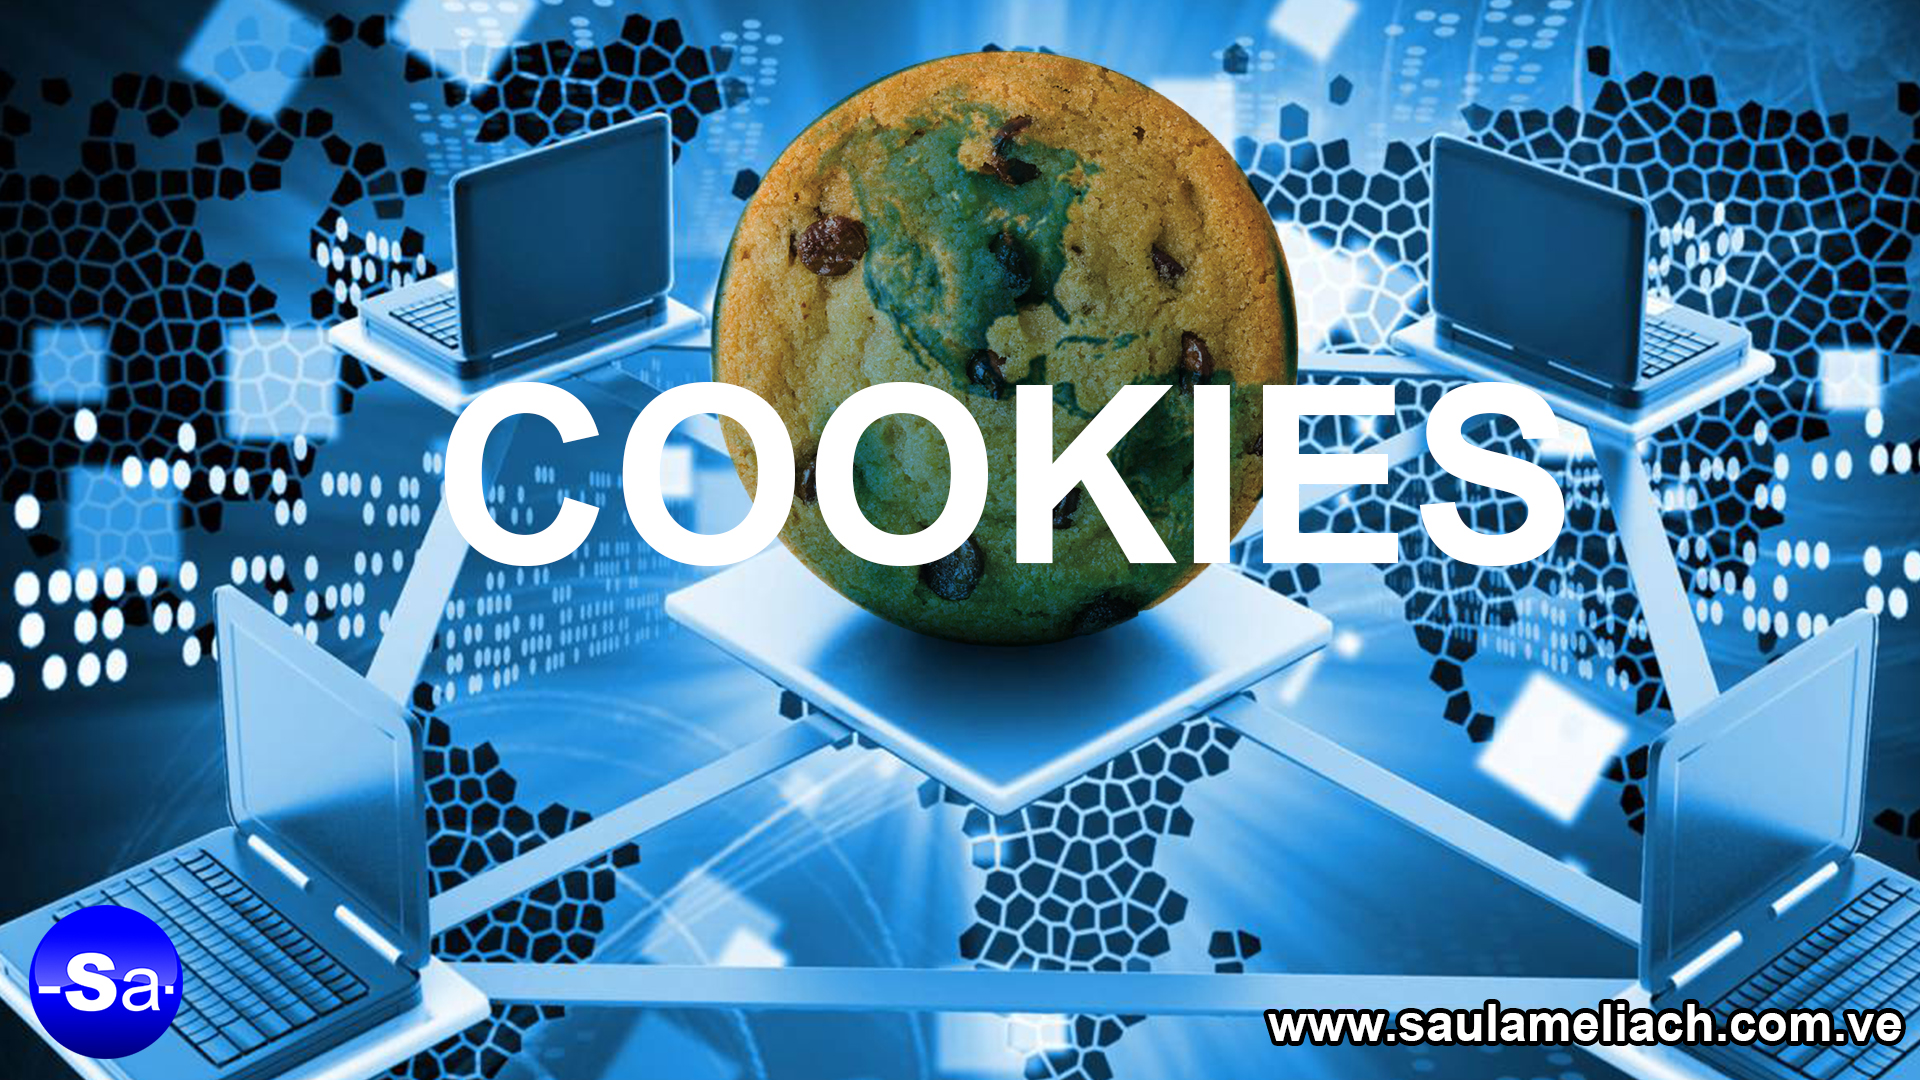 Saul Ameliach cookies navegador